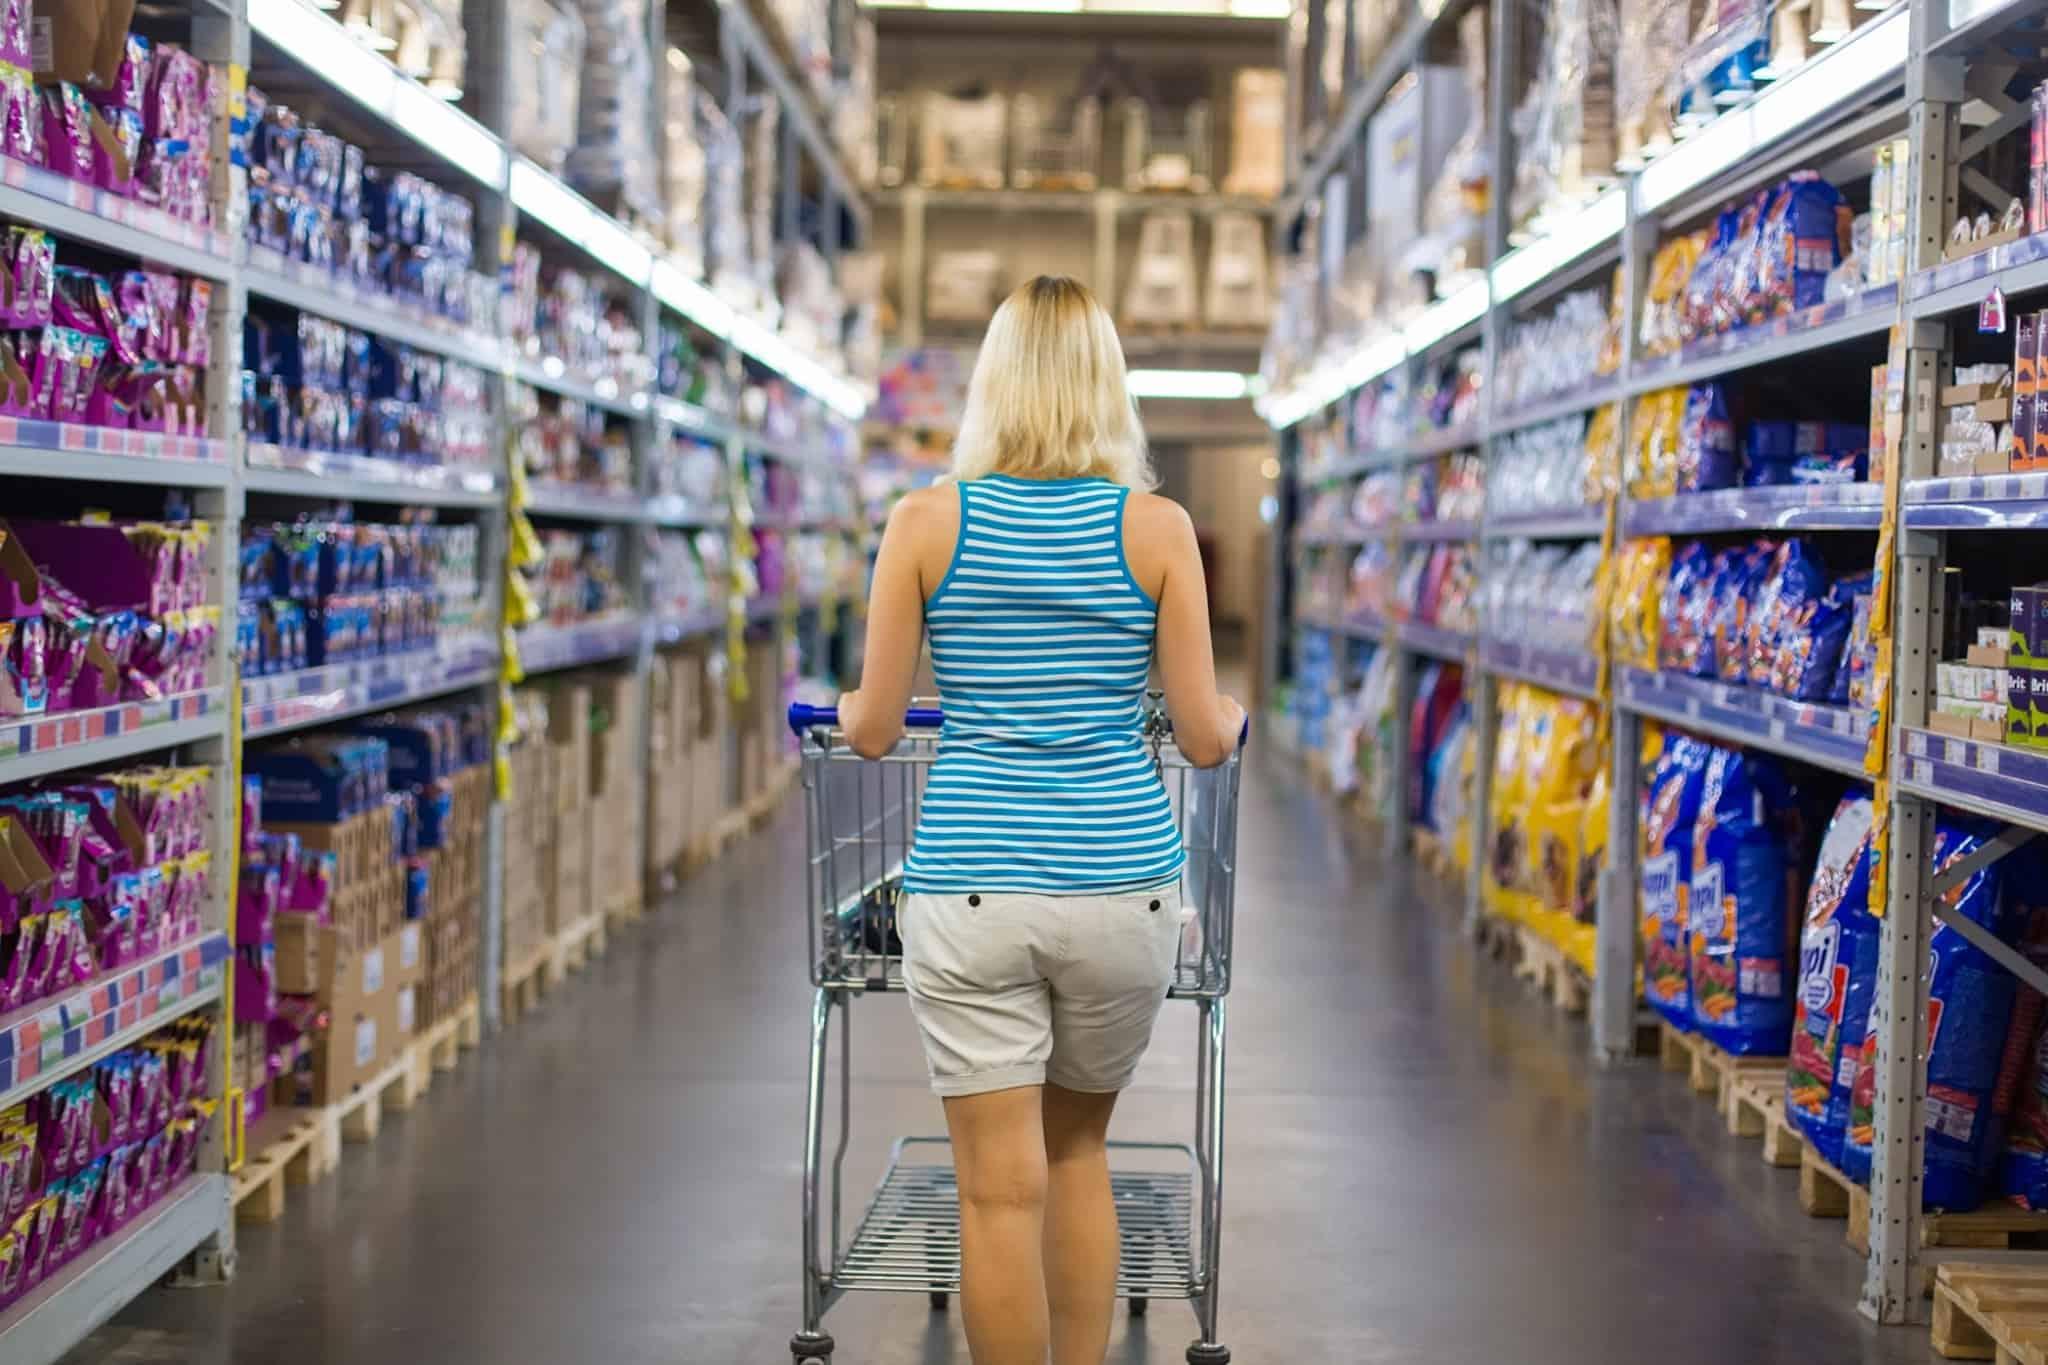 rapariga loira a fazer compras no supermercado